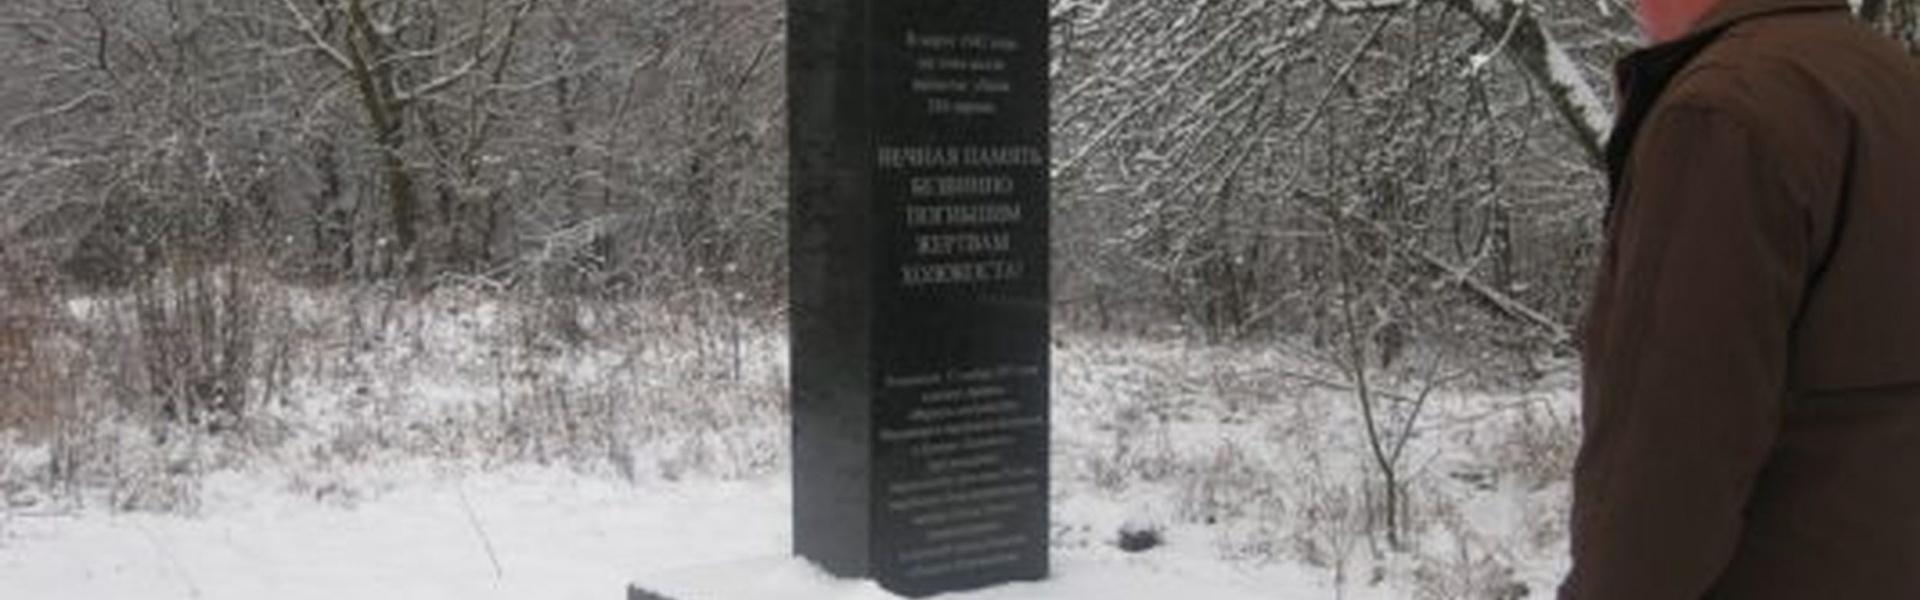 В память о жертвах фашизма в Климово поставлен памятник